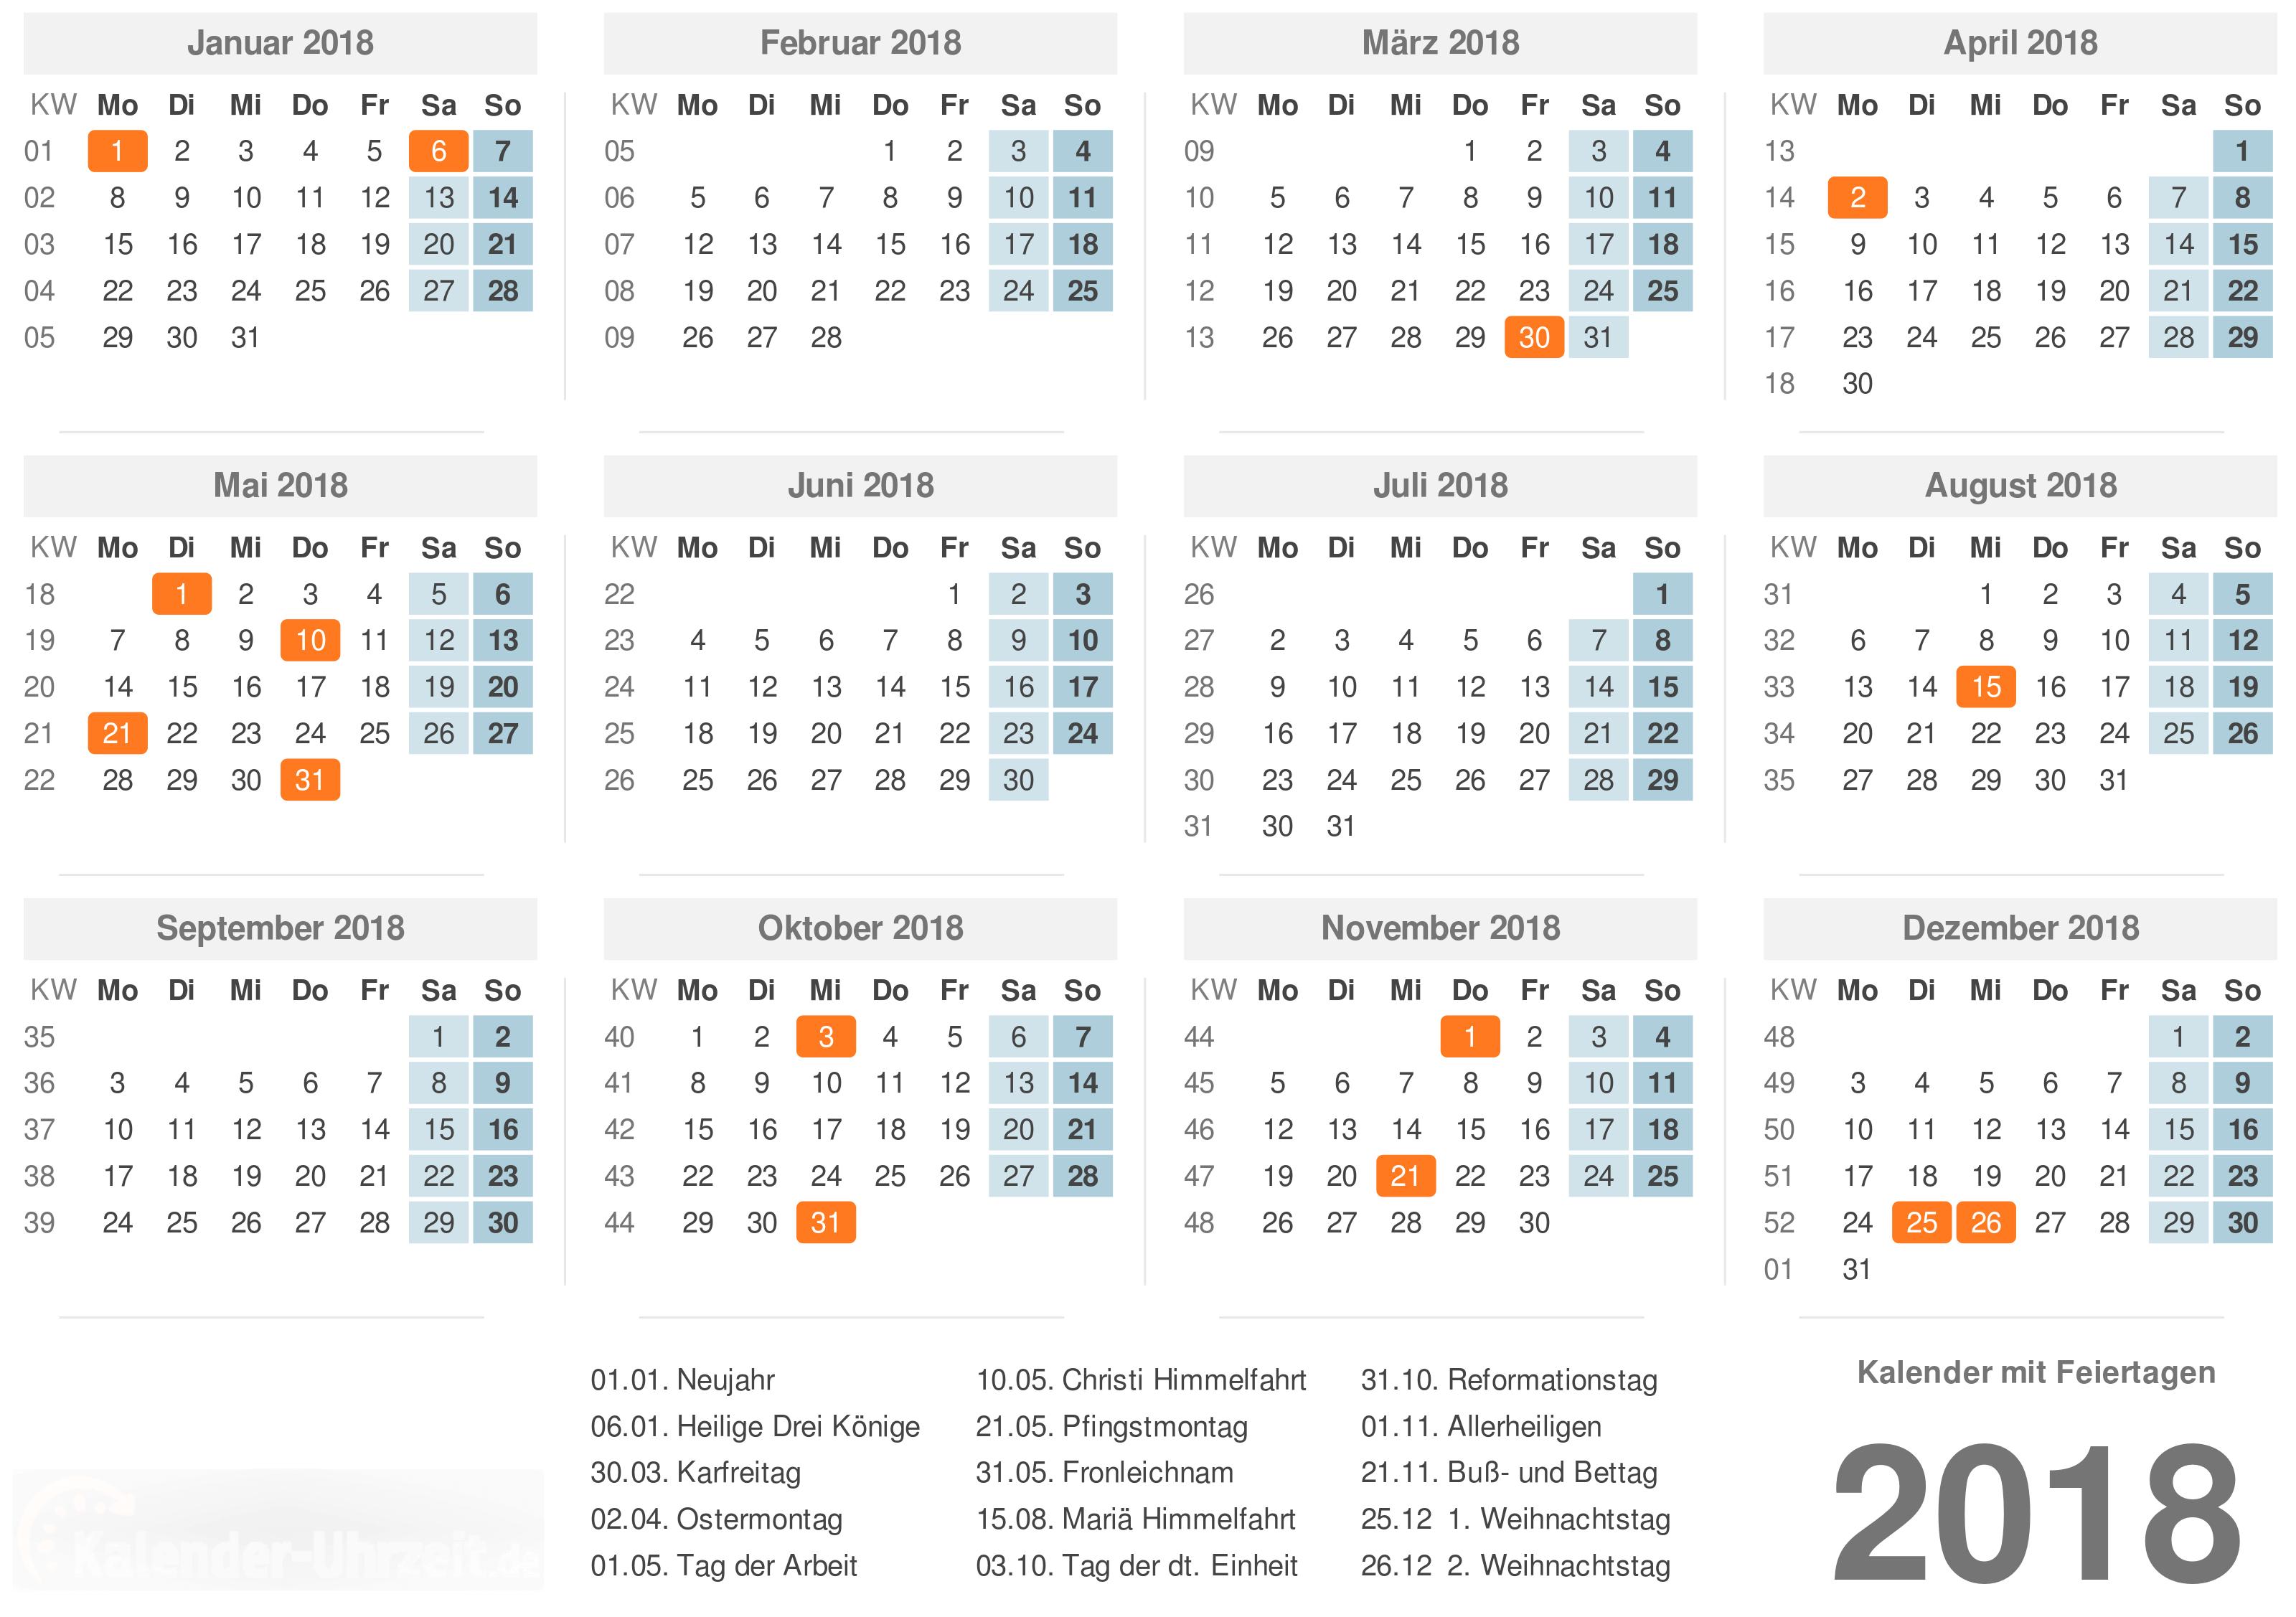 Kalender 2018 mit Feiertage-Übersicht zum Ausdrucken Vorlage 1